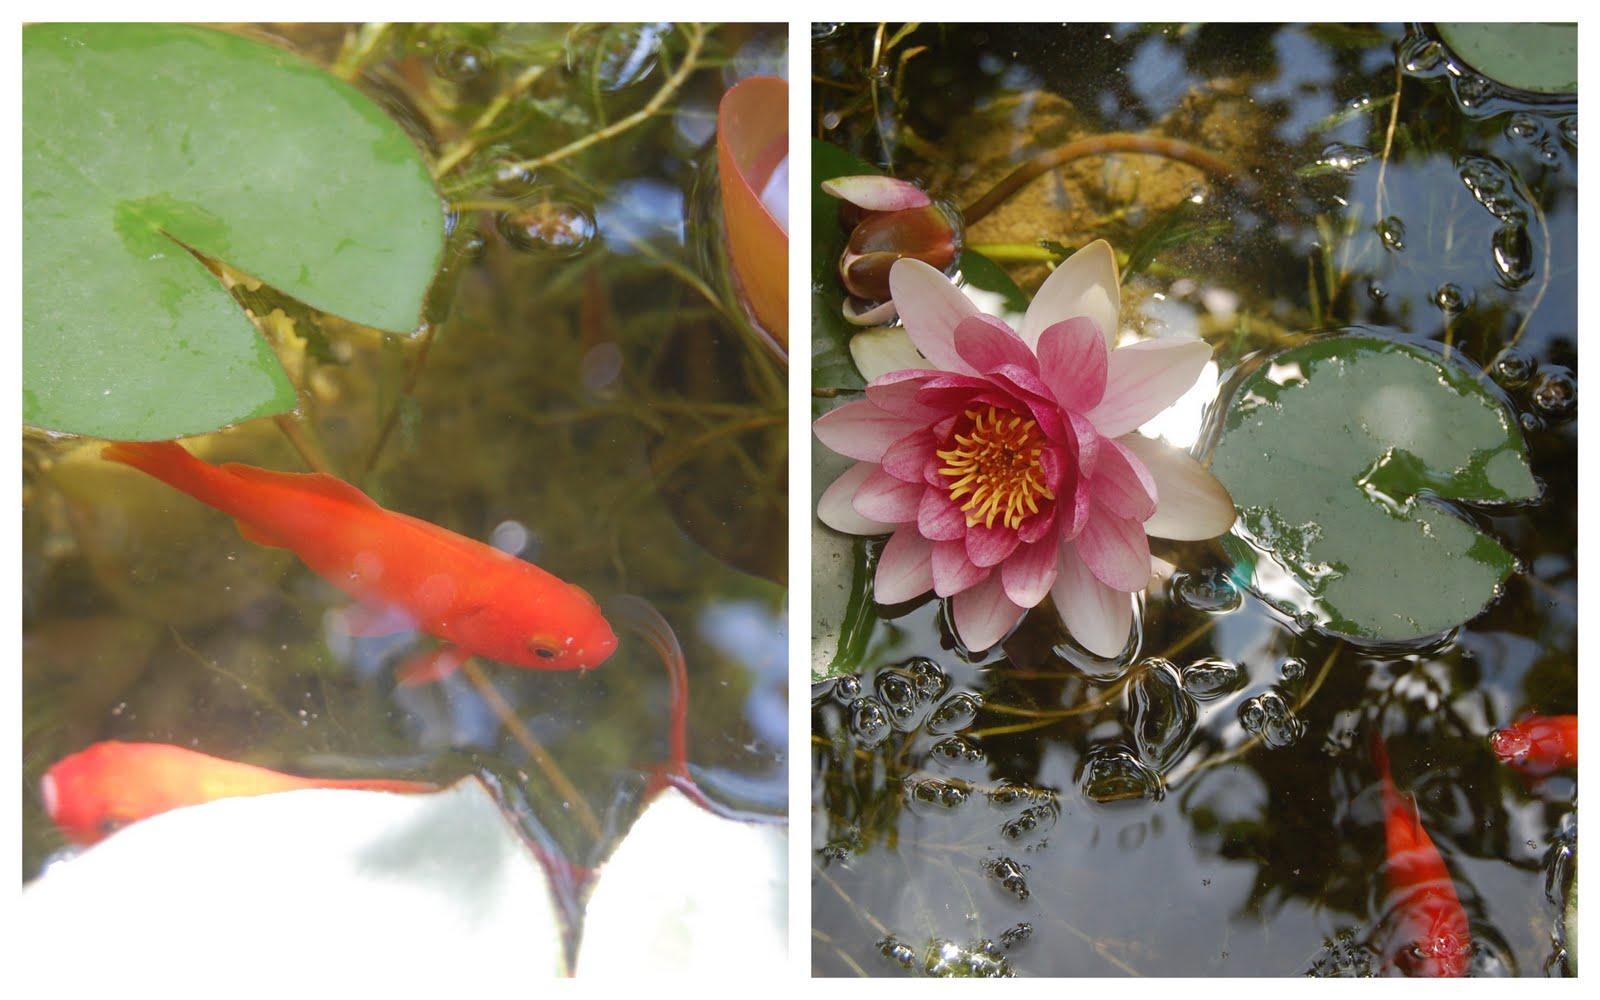 Di bianco e d 39 azzurro ninfee e pesci rossi for Pesci rossi piccoli